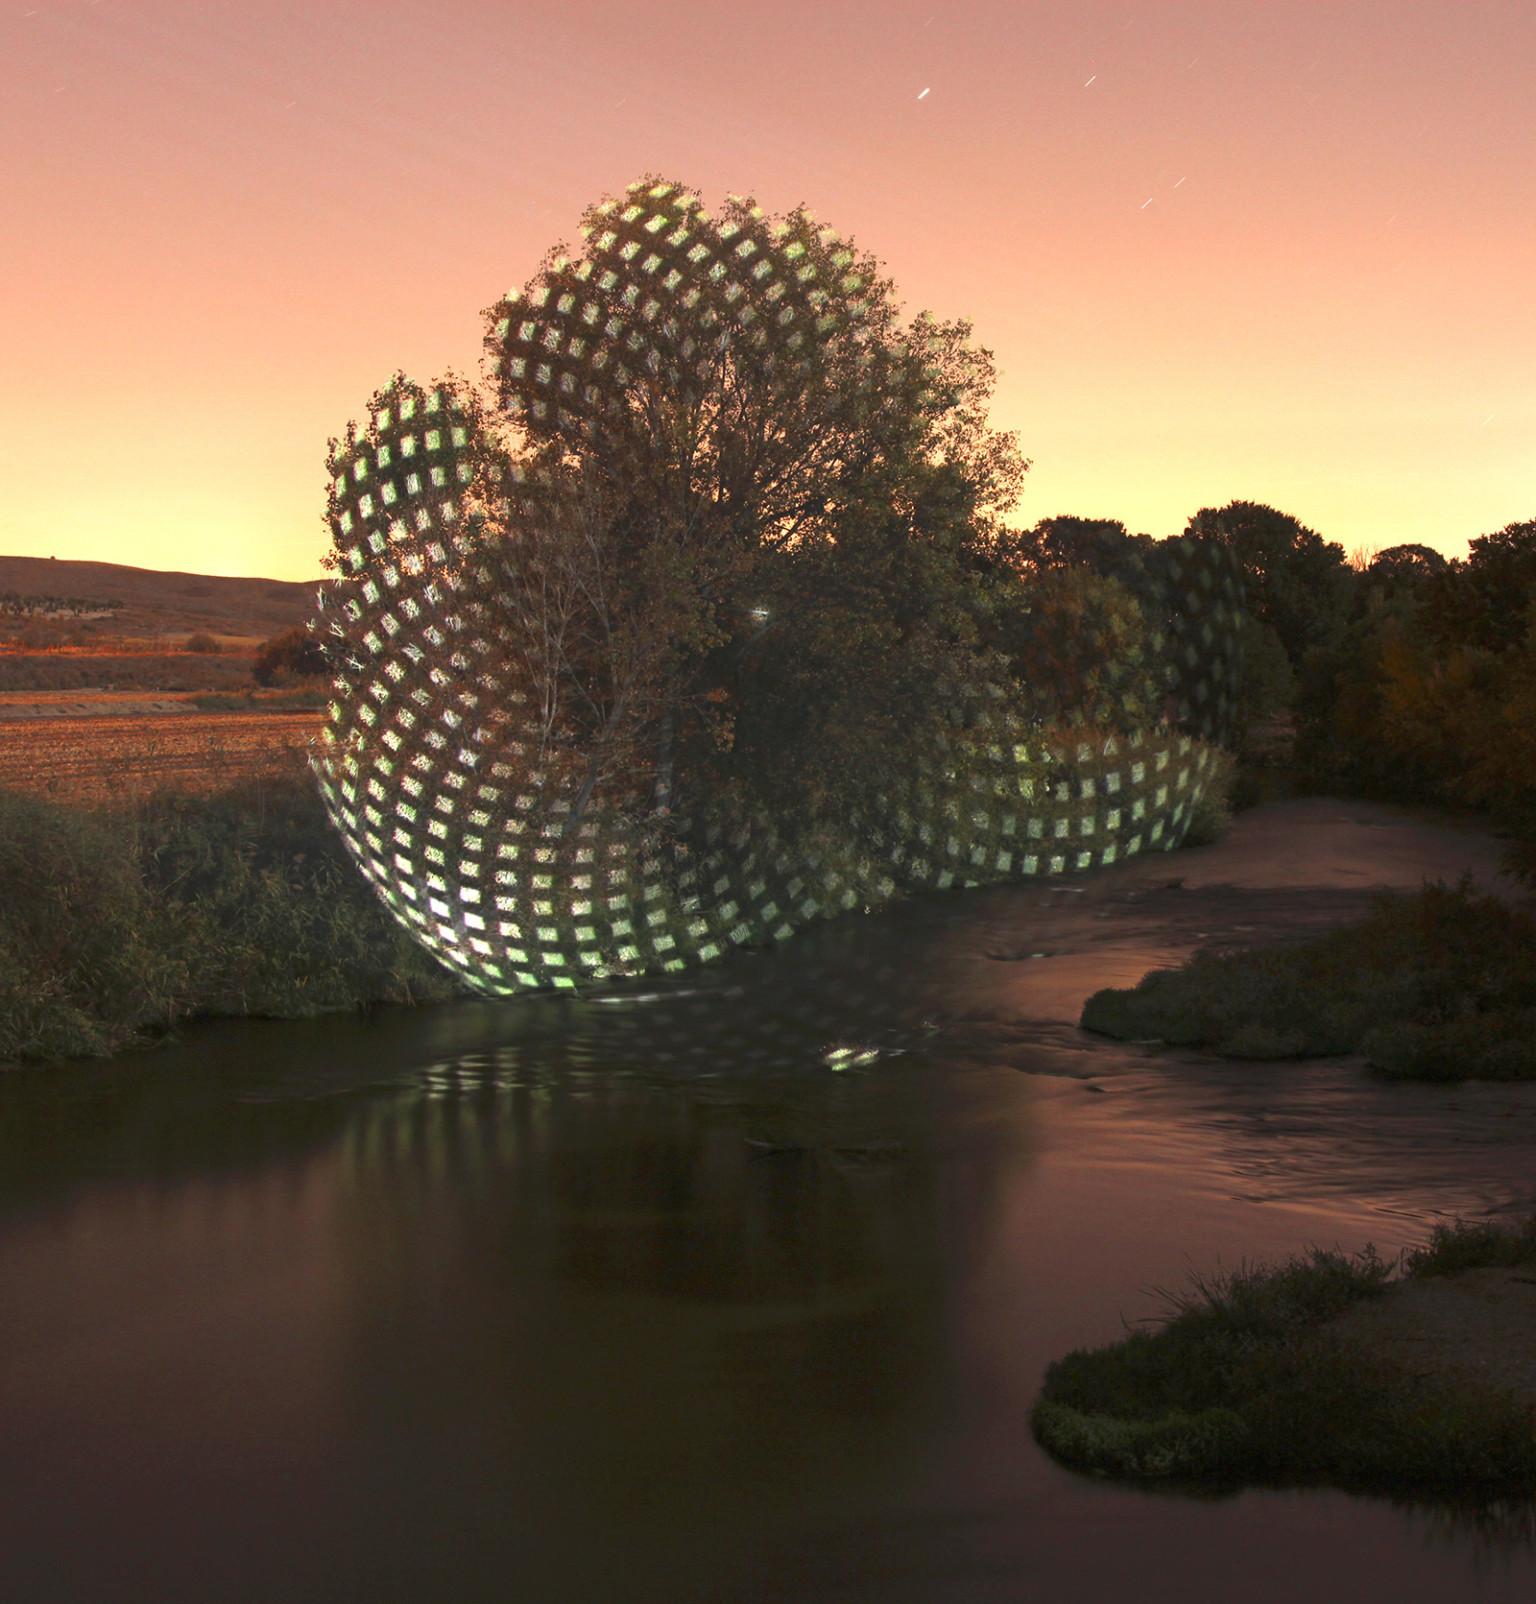 espirales de luz en la naturaleza fotografía de javier riera